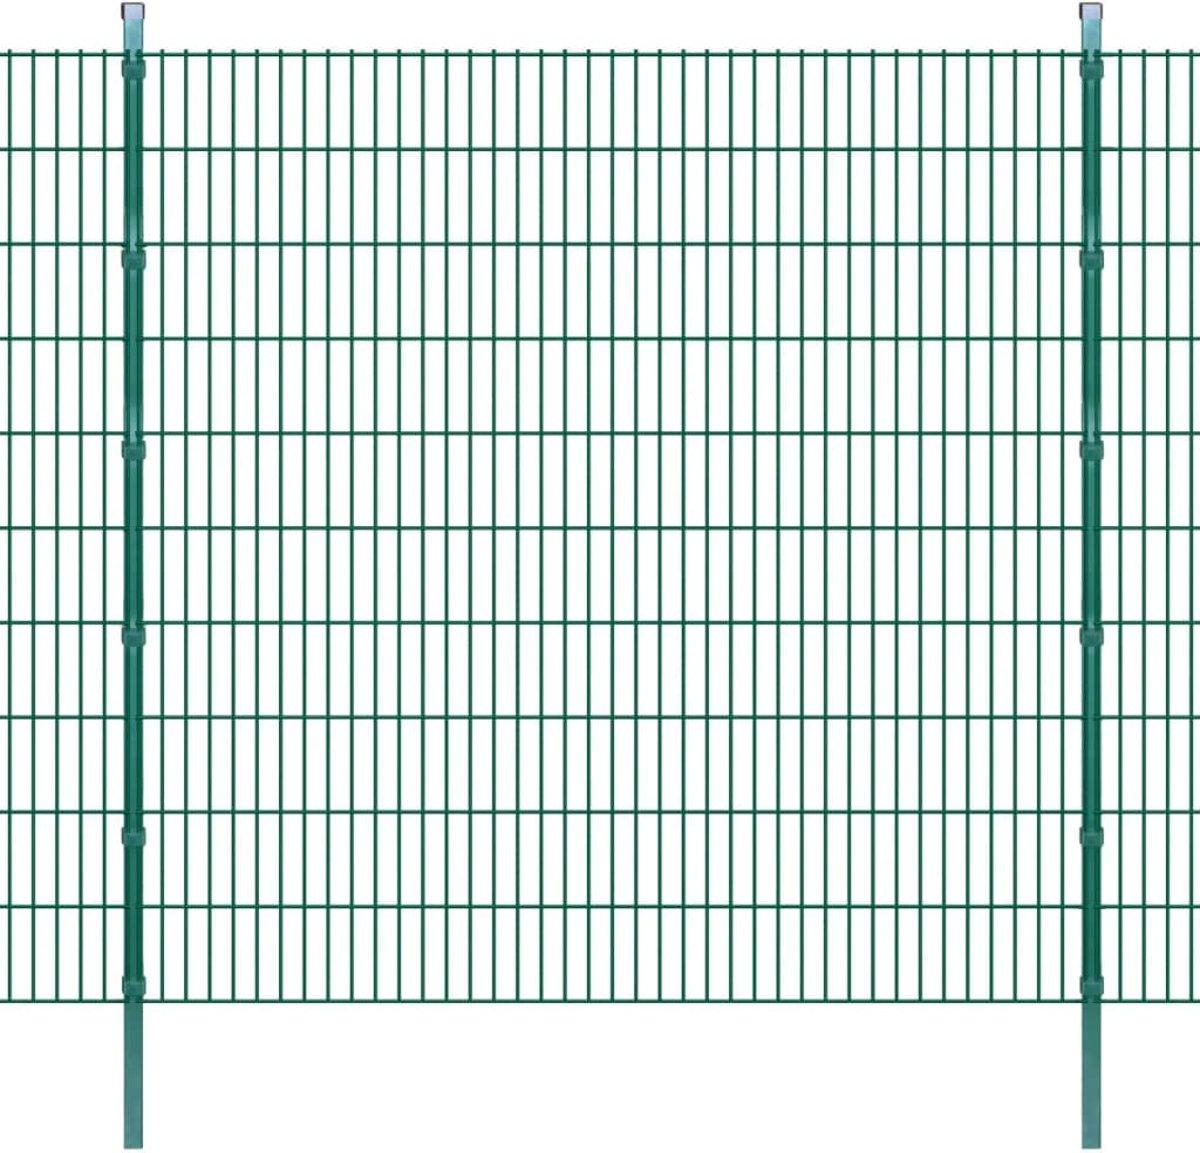 vidaXL Dubbelstaafmat 2008 x 2030 mm 28 m groen 14 stuks kopen